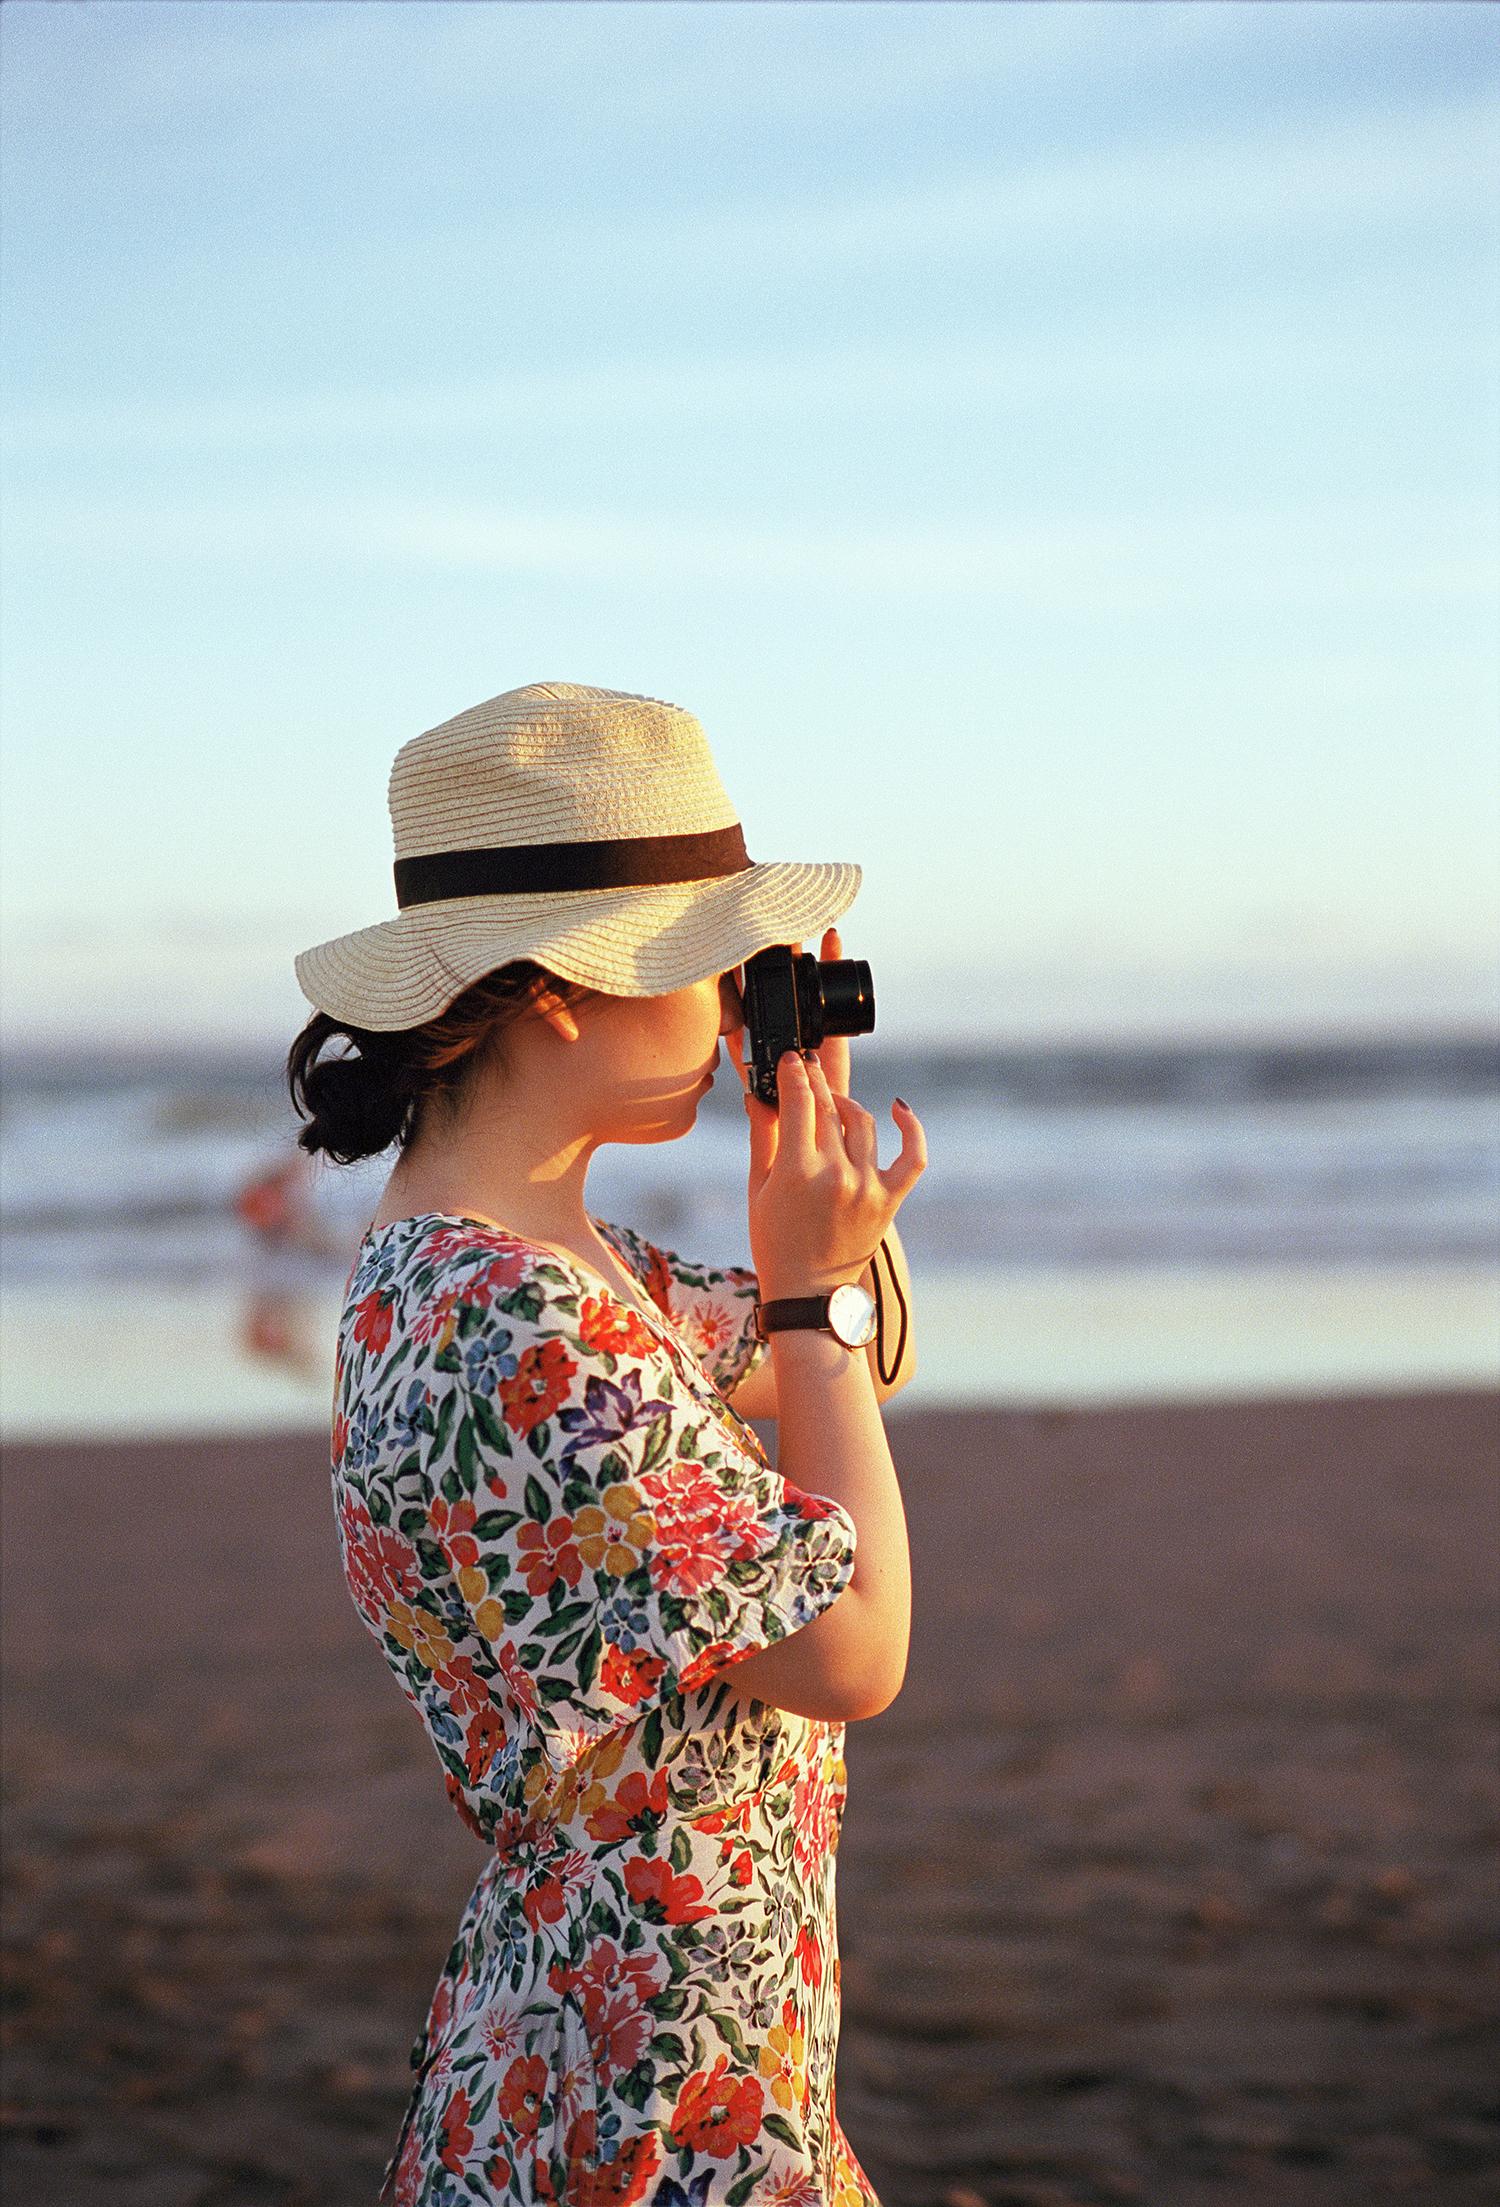 Bali Part 2: Zeiss C Sonnar T* 50mm f/1 5 ZM Lens Review